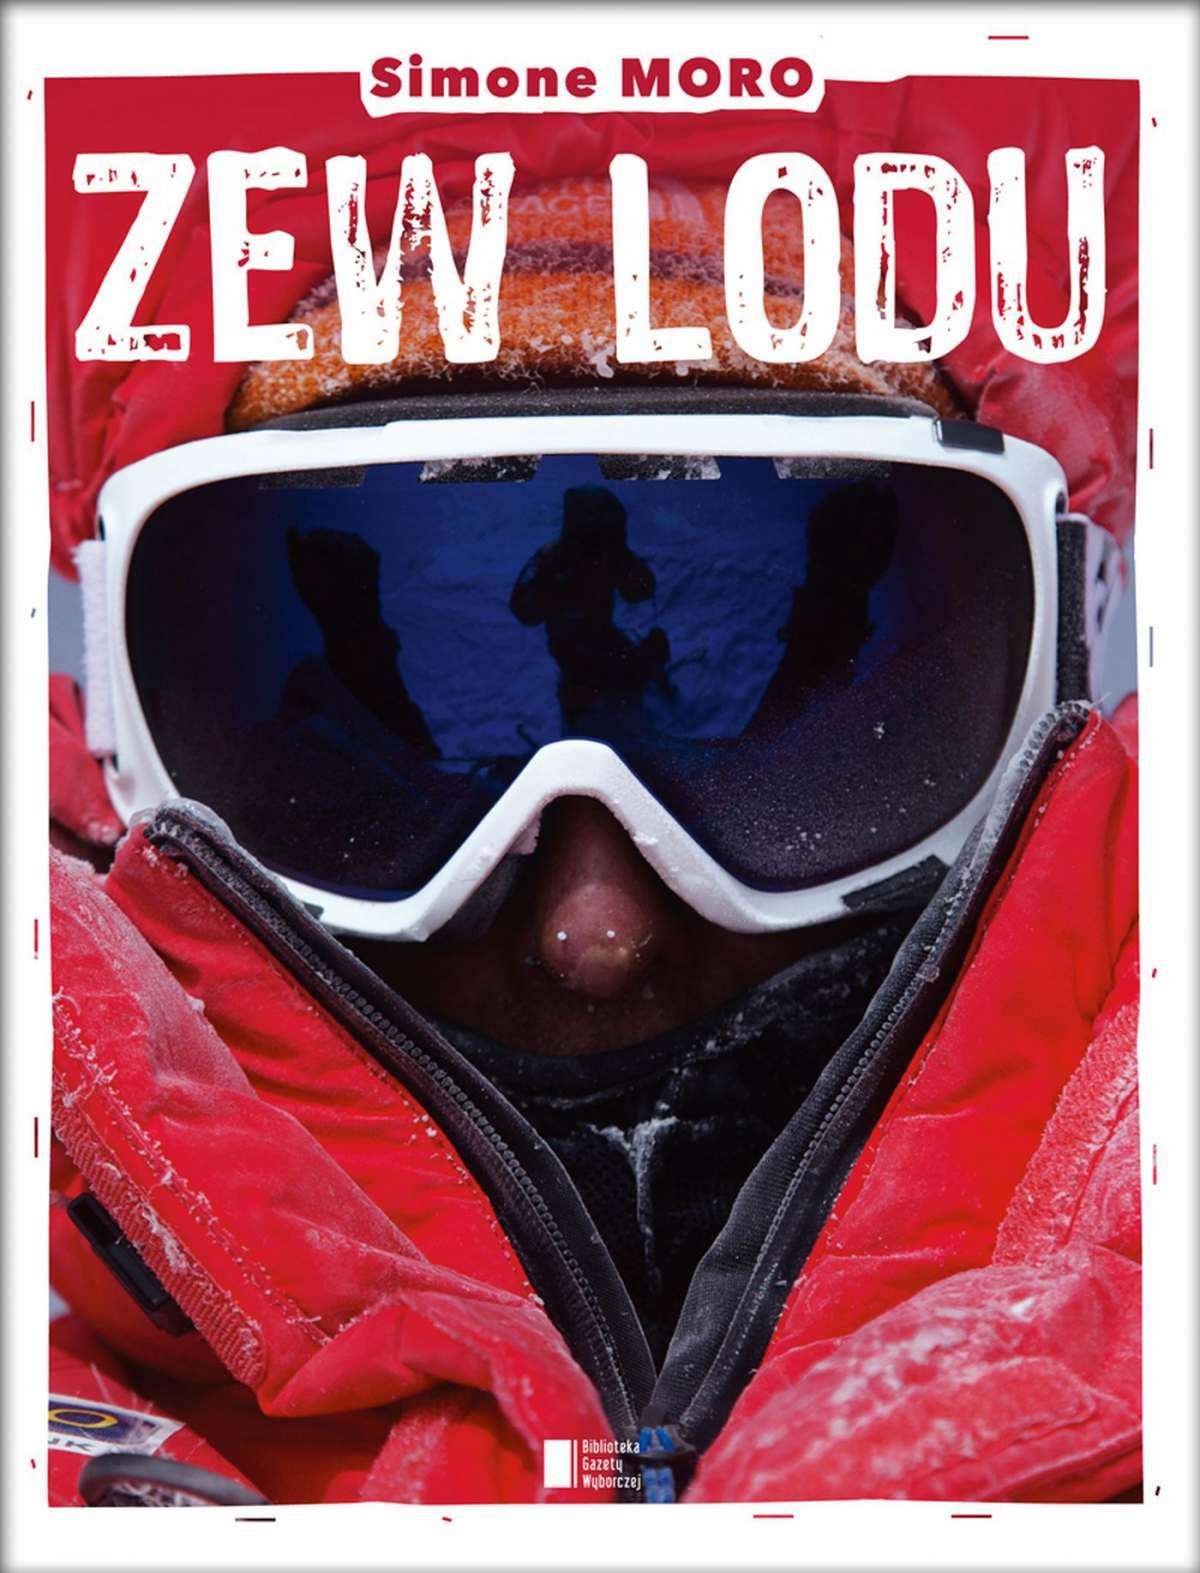 Zew lodu. Ośmiotysięczniki zimą – moje prawie niemożliwe marzenie - Ebook (Książka EPUB) do pobrania w formacie EPUB